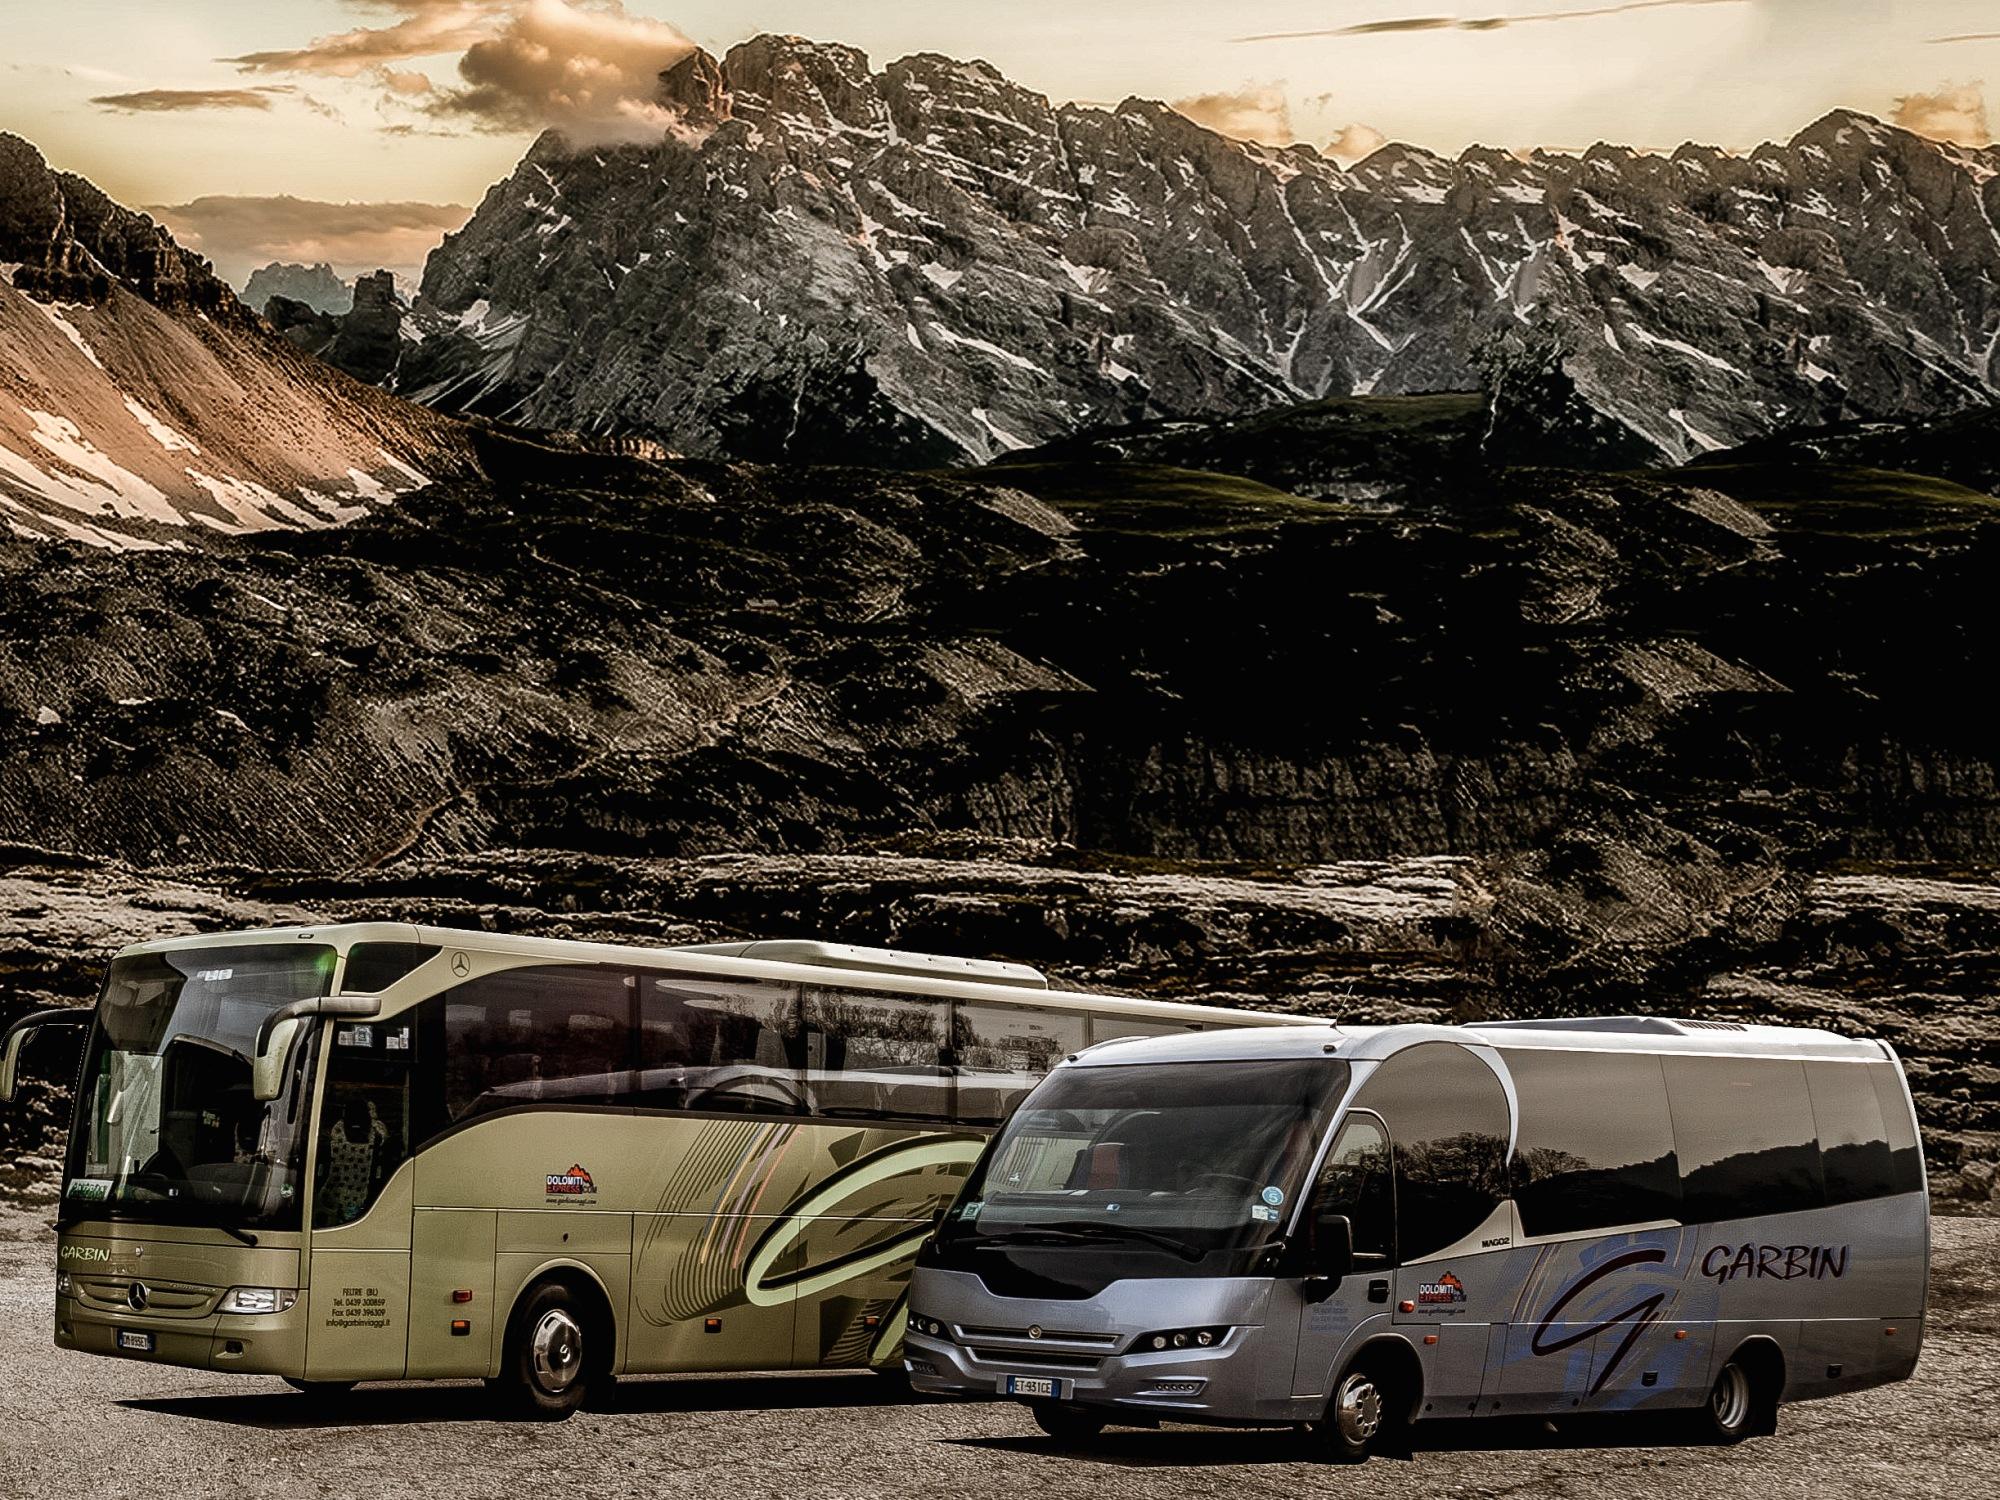 Garbin Autoservizi tra le montagne bellunesi